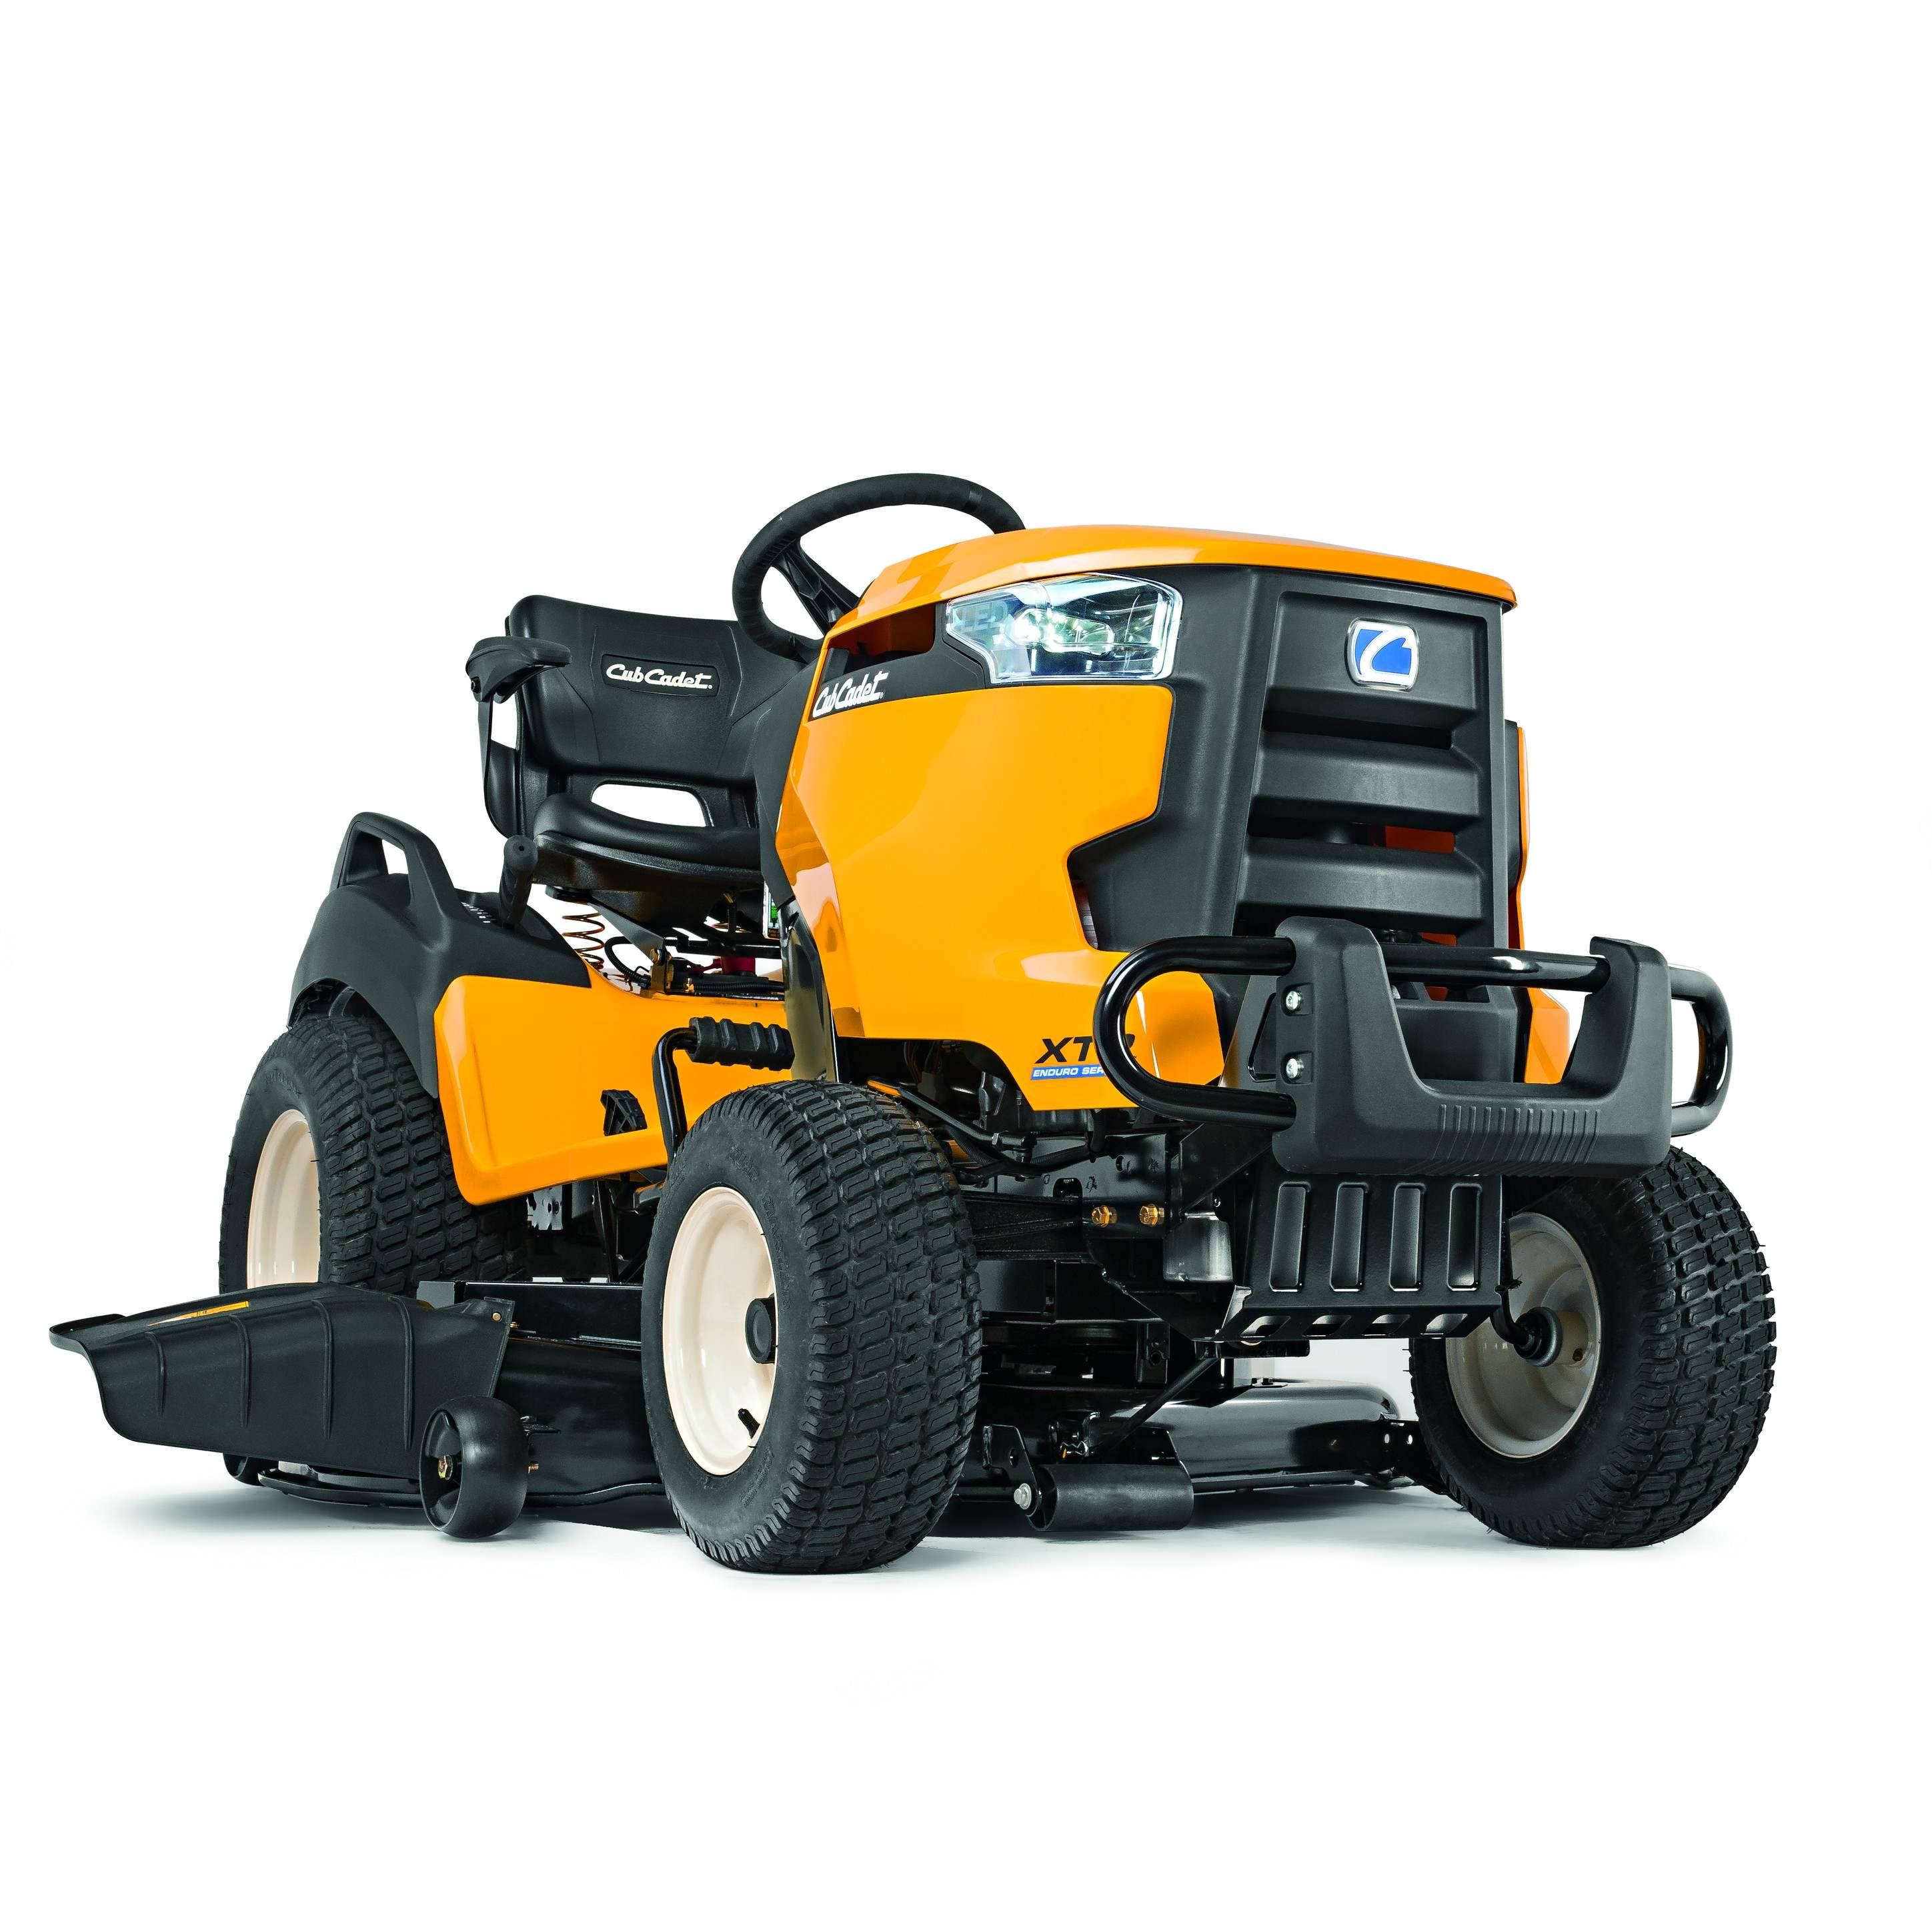 Travní traktor se bočním výhozem Cub Cadet XT3 QS127